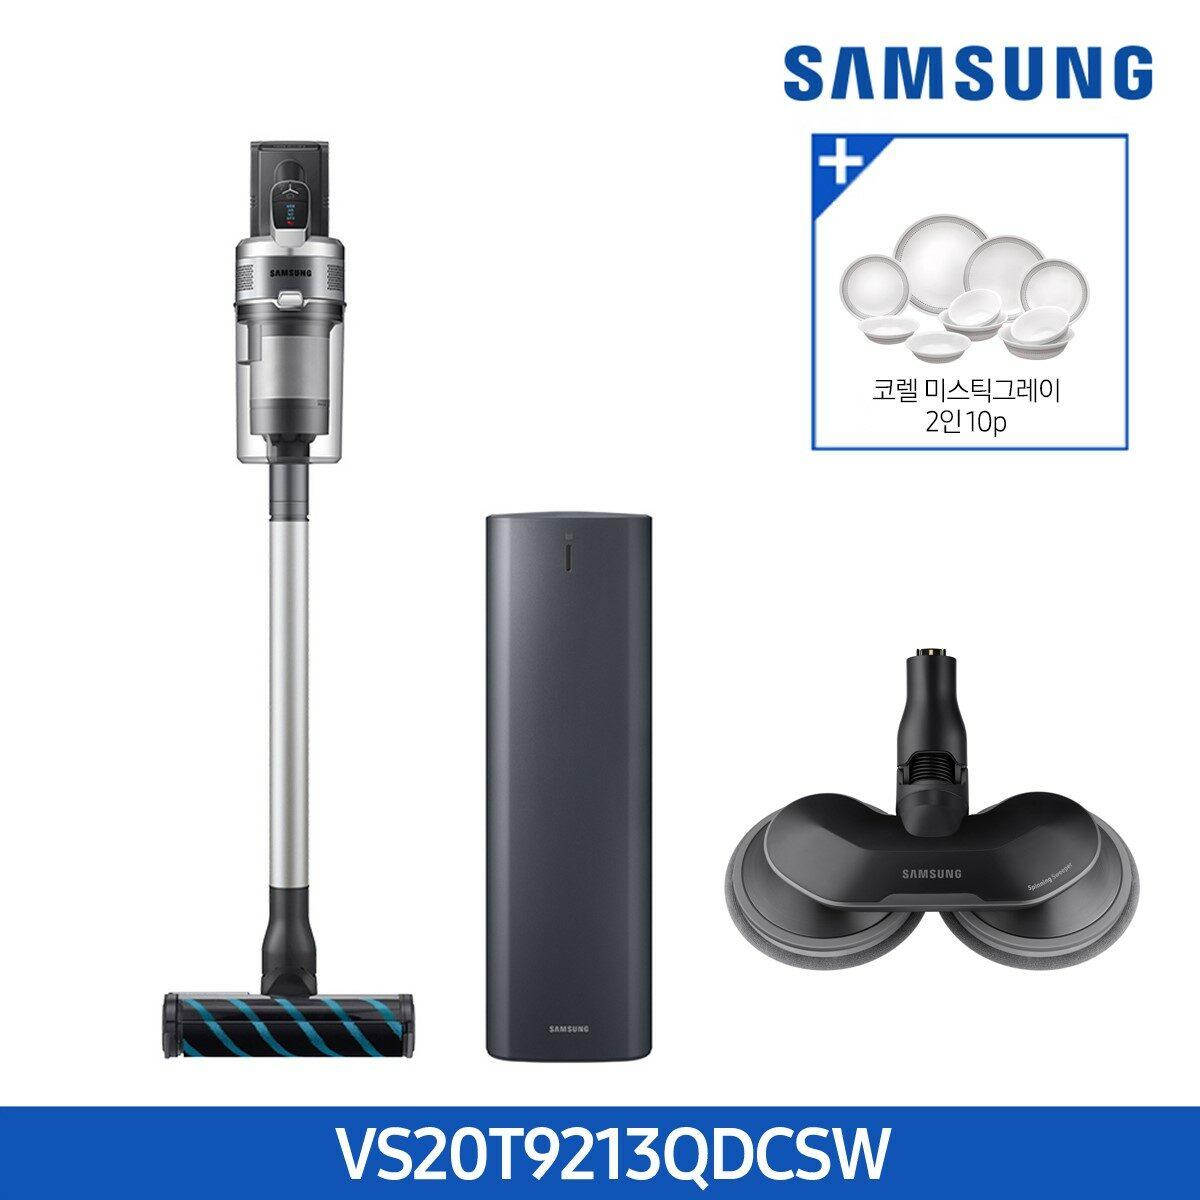 [삼성]+청정스테이션(방송에서만)제트 2.0스페셜에디션 VS20T9213QDCSW (물걸레등 4종 툴/배터리 1개), 단일상품, 삼성 무선청소기 제트 VS20T9213QDCSW